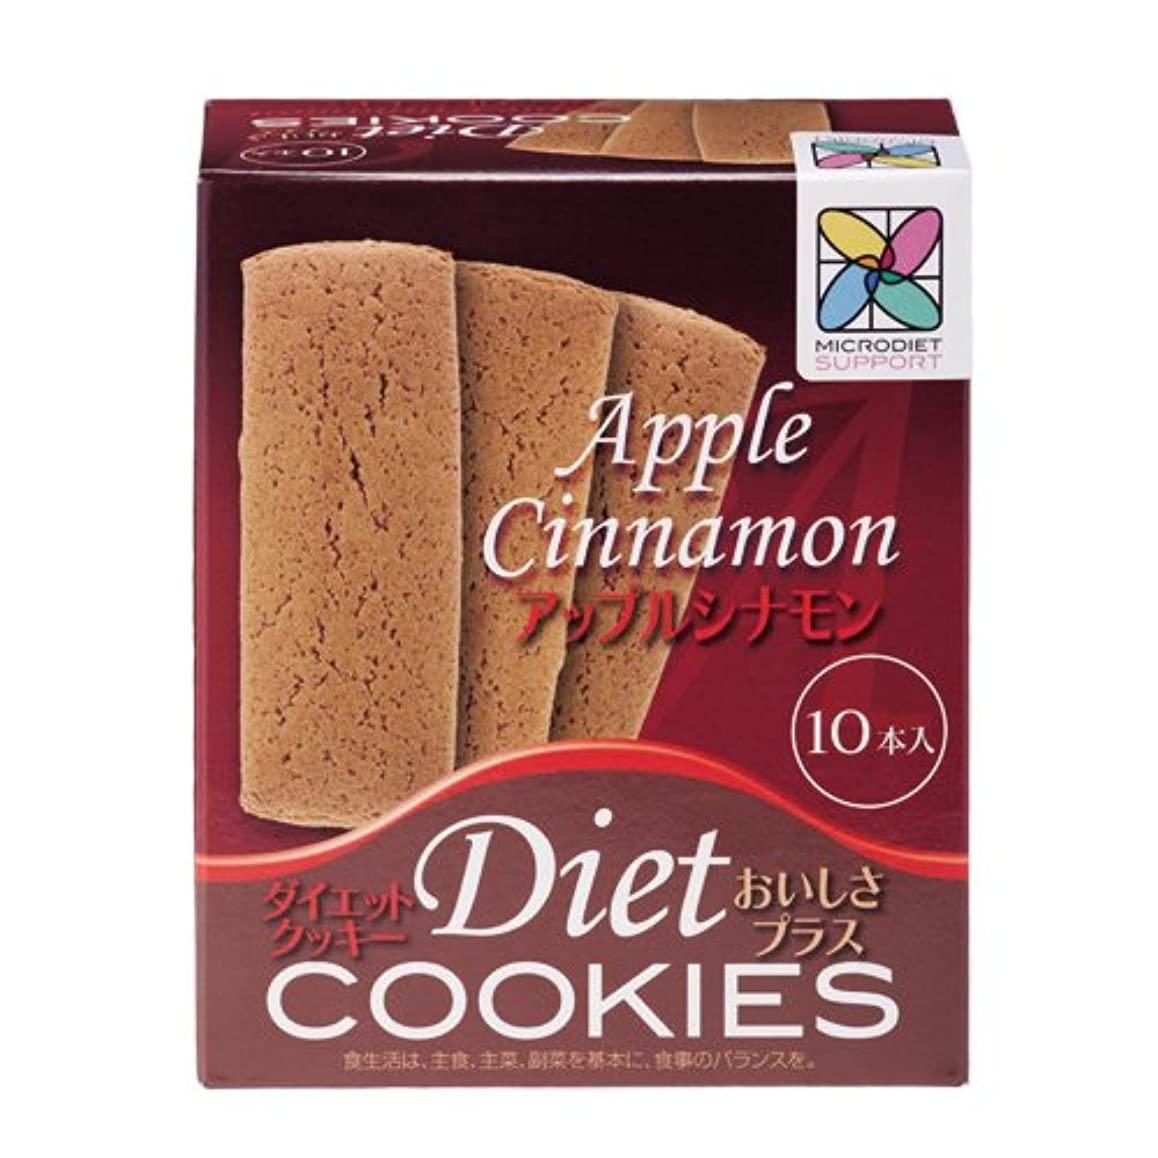 ヒロインさせるデコレーションダイエットクッキーおいしさプラス(アップルシナモン:1箱)(03754)